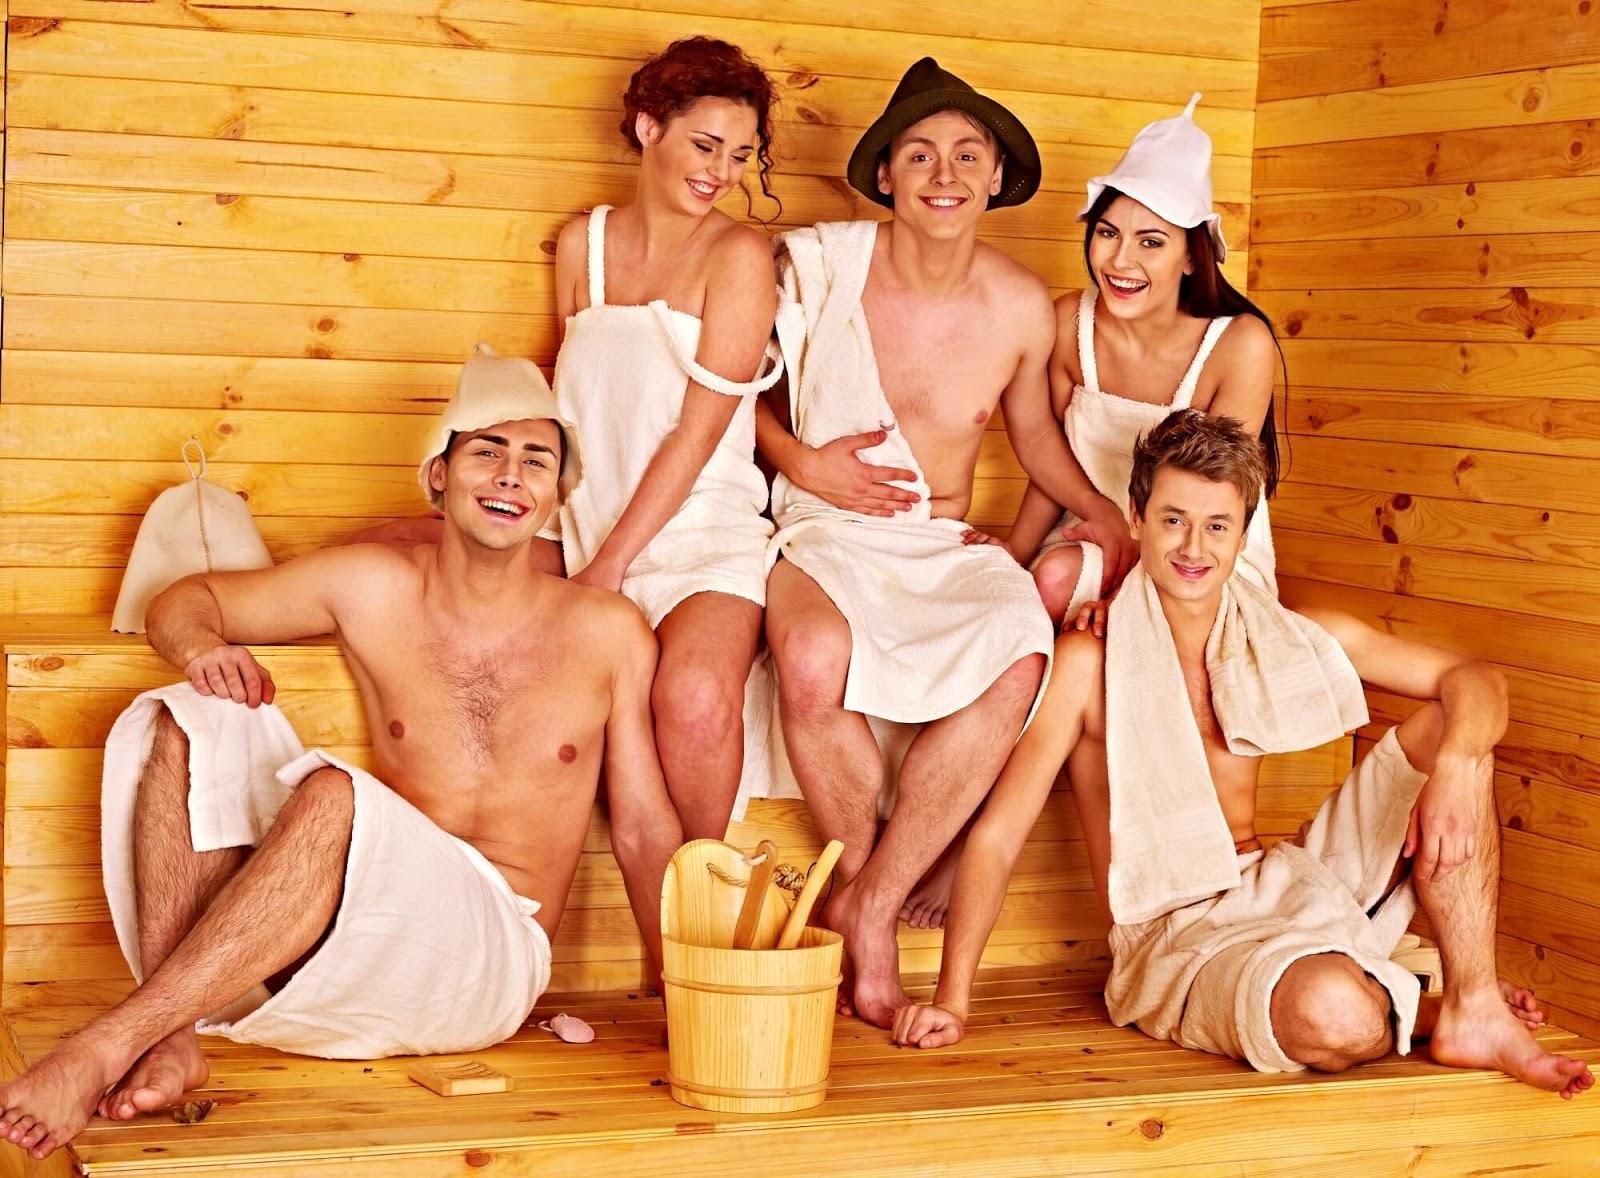 Русская женщина в бане фото, Жена в бане. Фото русских голых жен в сауне сделанное 10 фотография